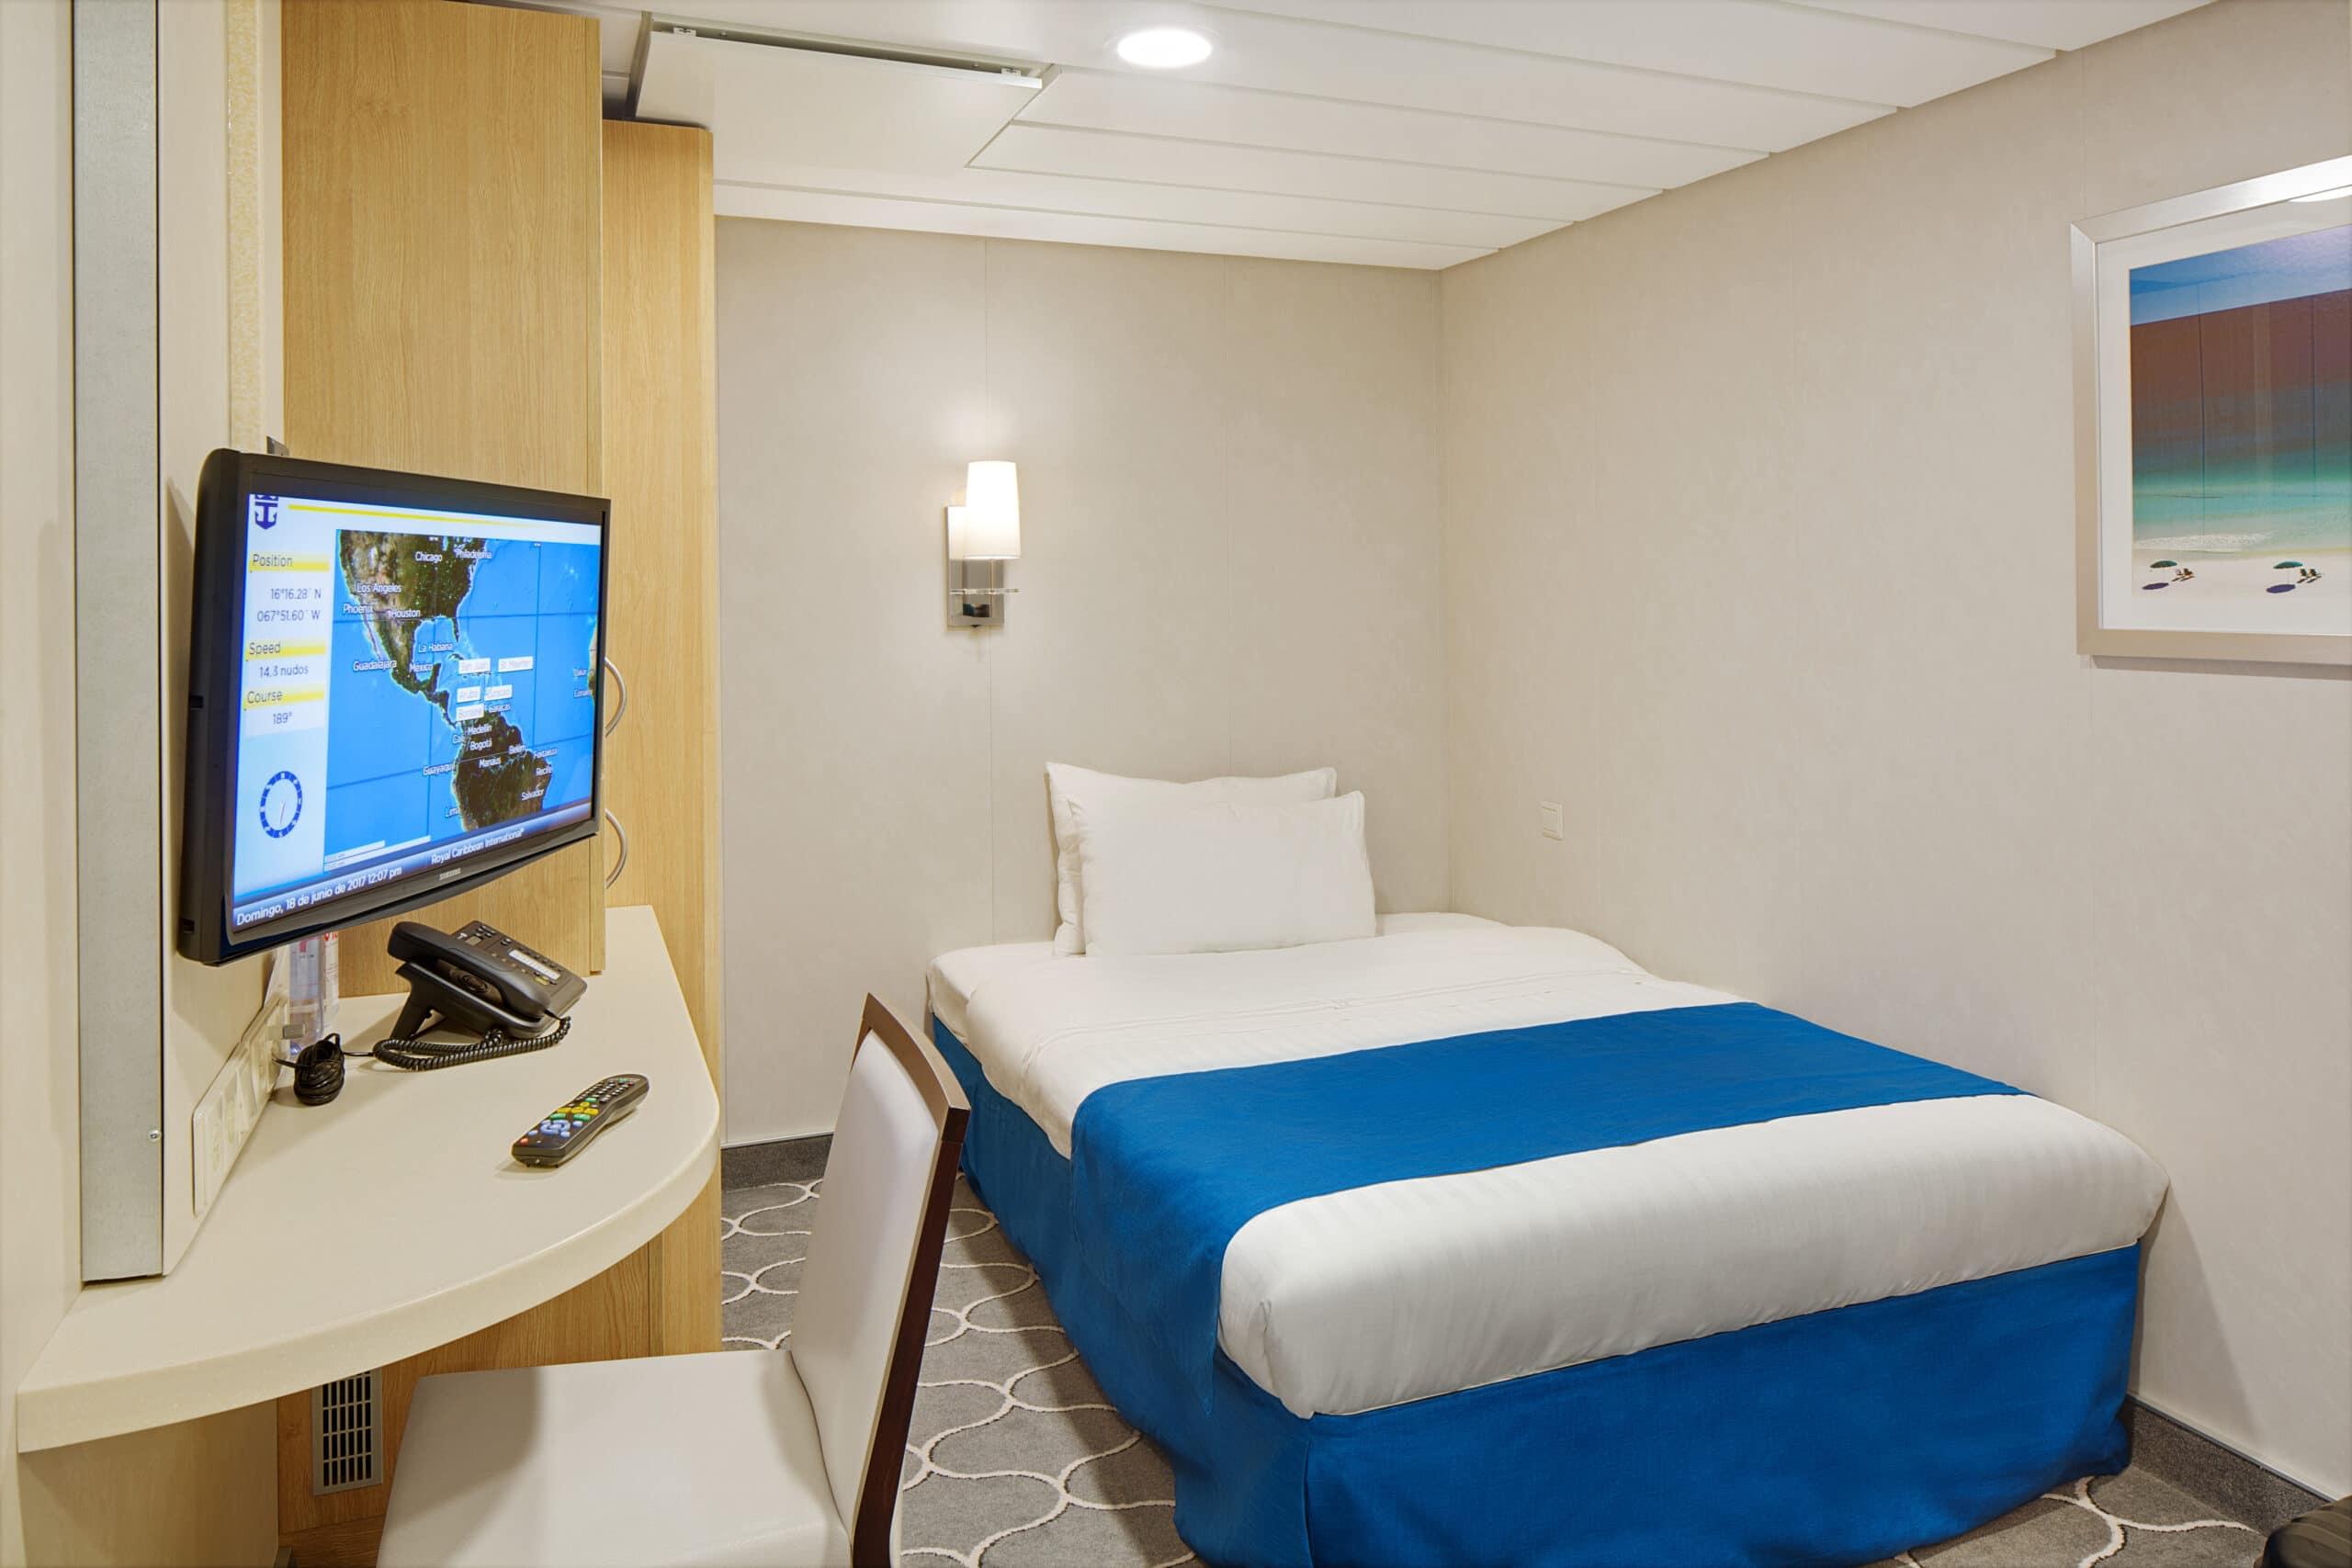 Royal-Caribbean-International-Adventure-of-the-Seas-schip-cruiseschip-categorie-2W-Studio-binnenhut